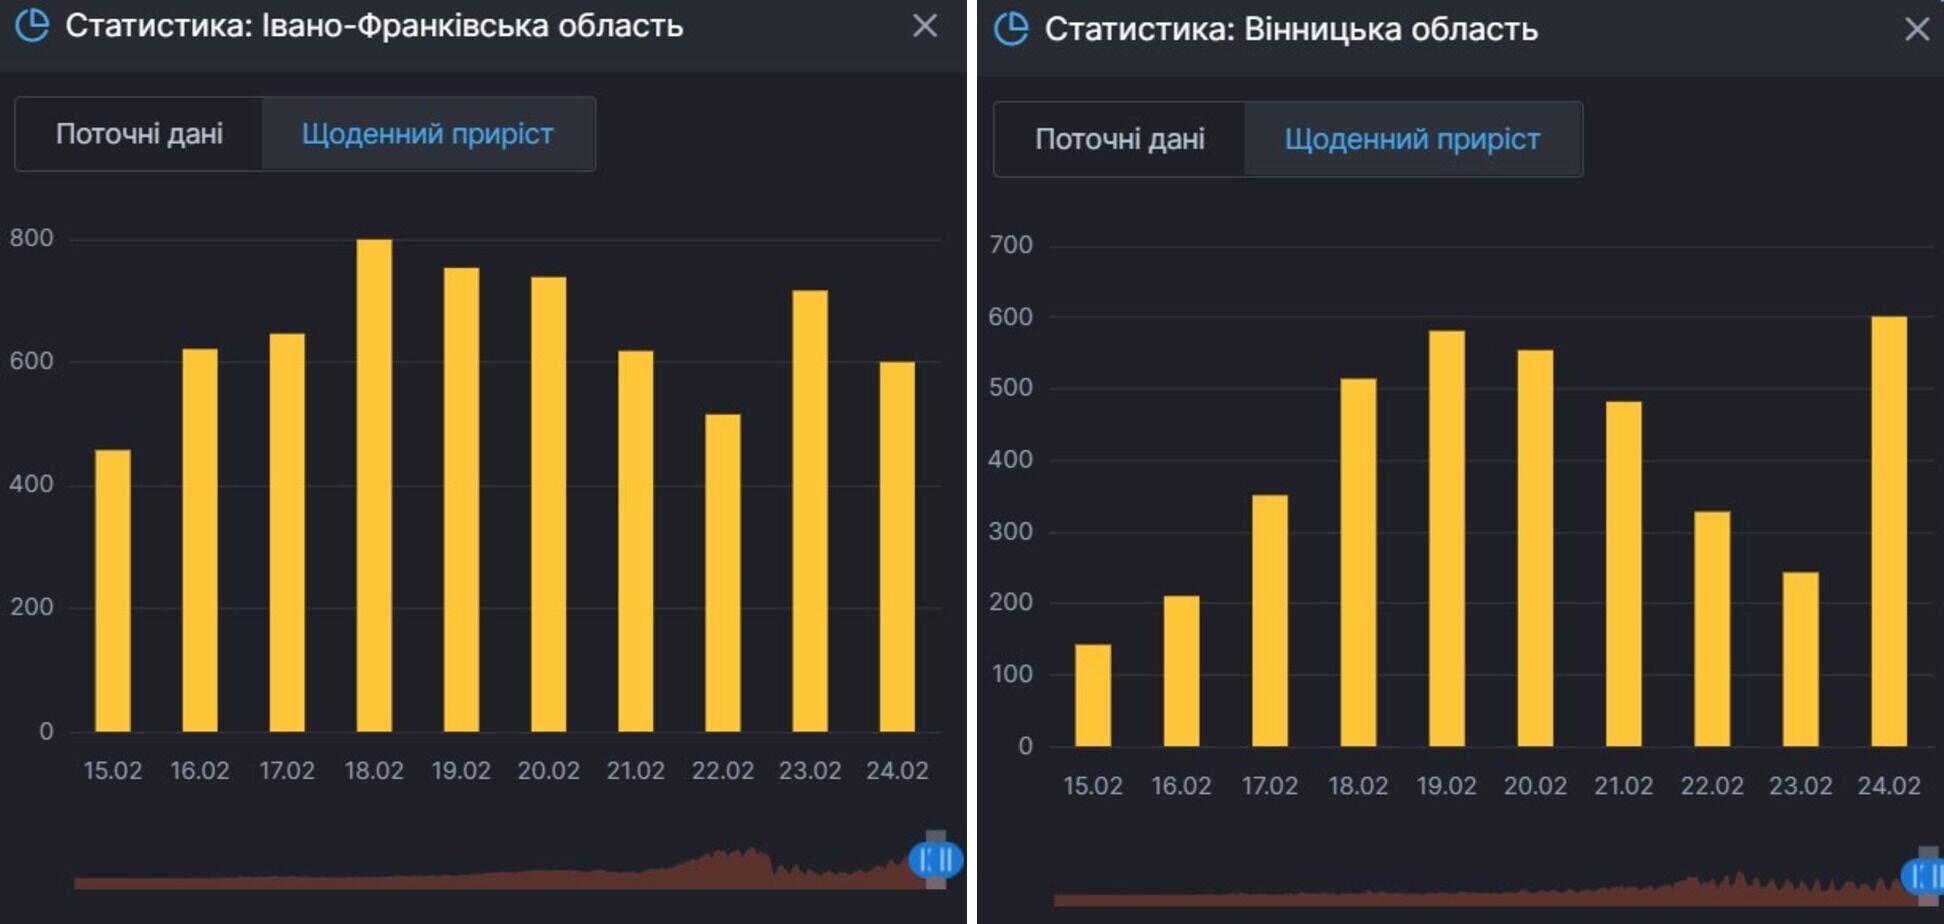 Прирост случаев COVID-19 в Ивано-Франковской и Винницкой областях